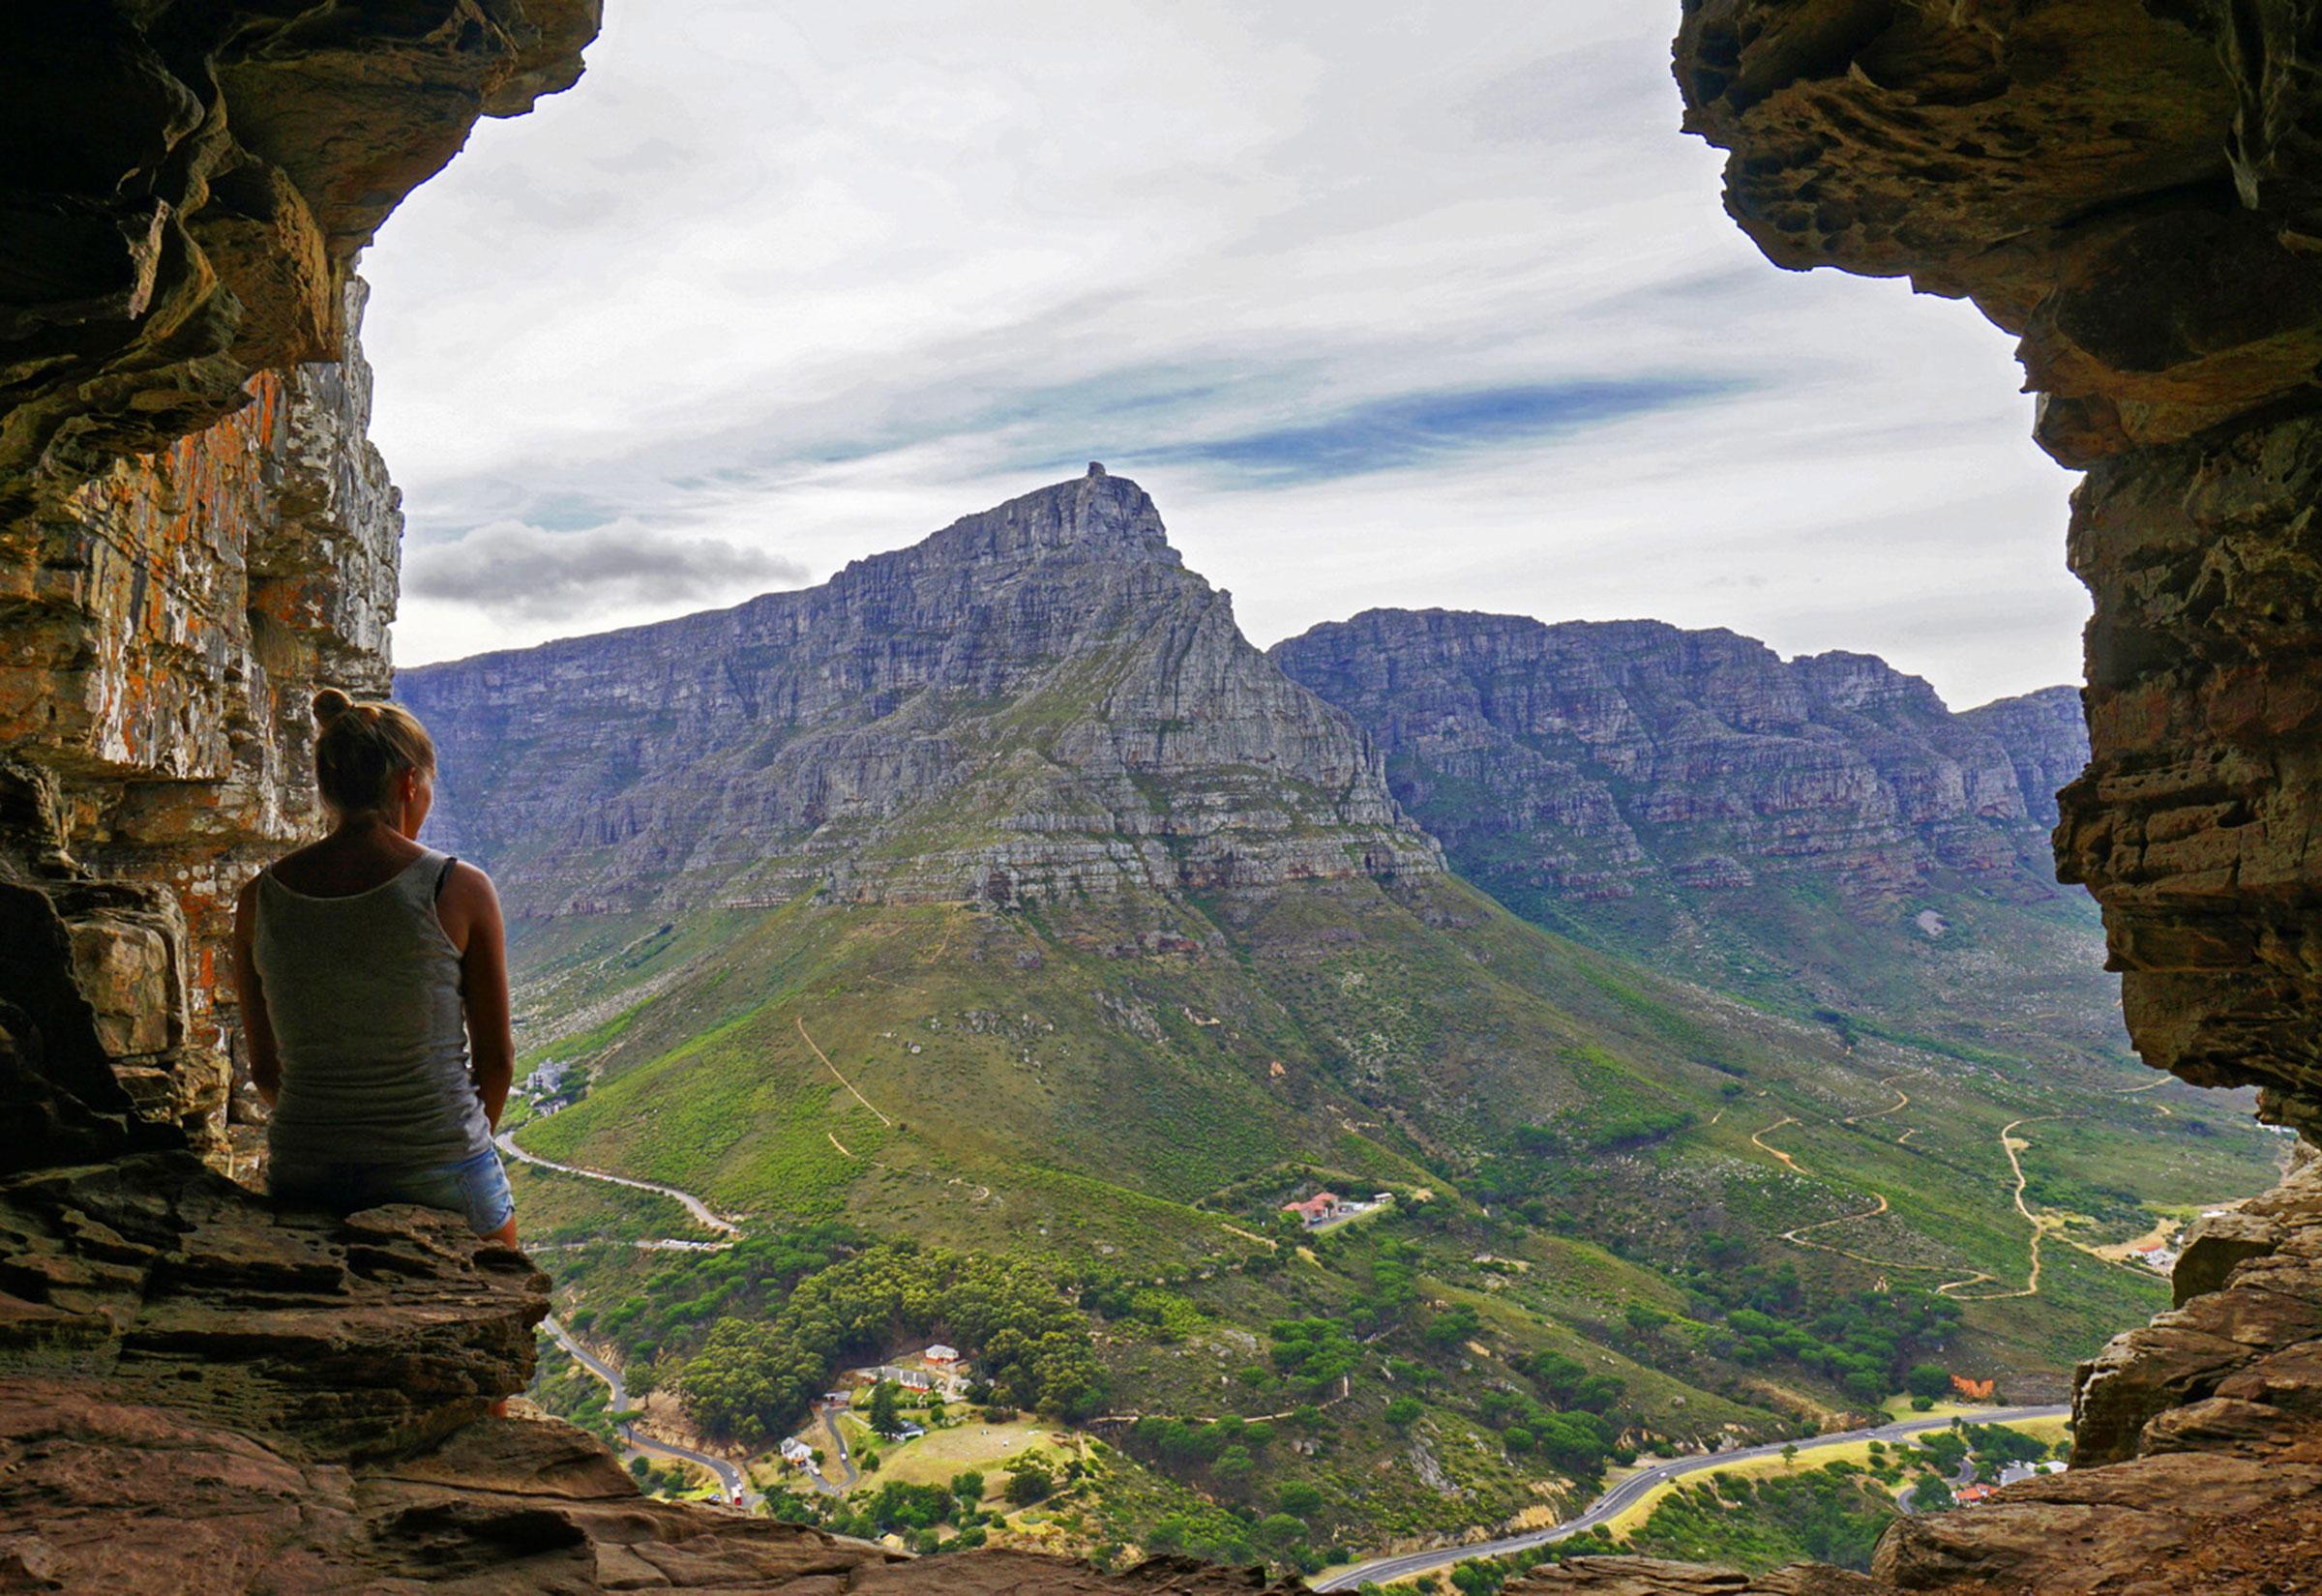 Panoramablick Erwandern Tafelberg Und Lions Head Outback Africa Plasttekpp Der Trail Fhrt Mit Einem Stets Sehr Steilen Anstieg Durch Die Platteklip Schlucht Ber Verschiedene Steintreppen Nach Oben